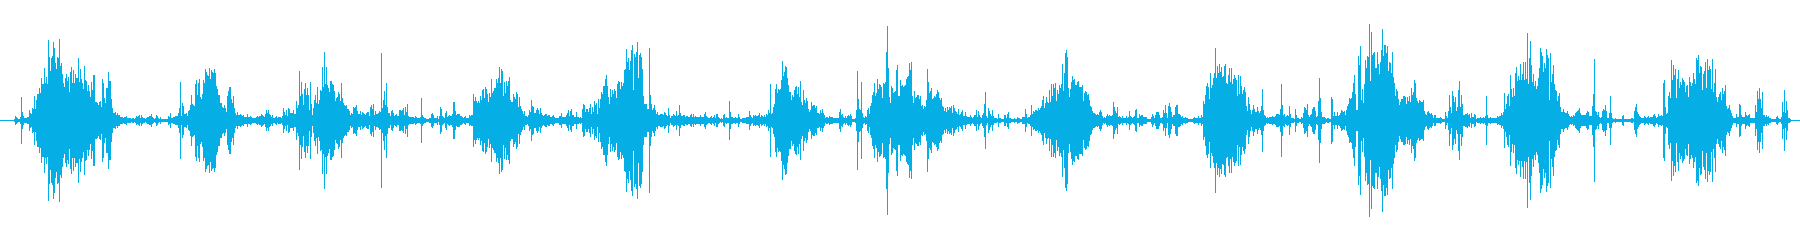 大きなカバのチューインガム、ずさんなの再生済みの波形